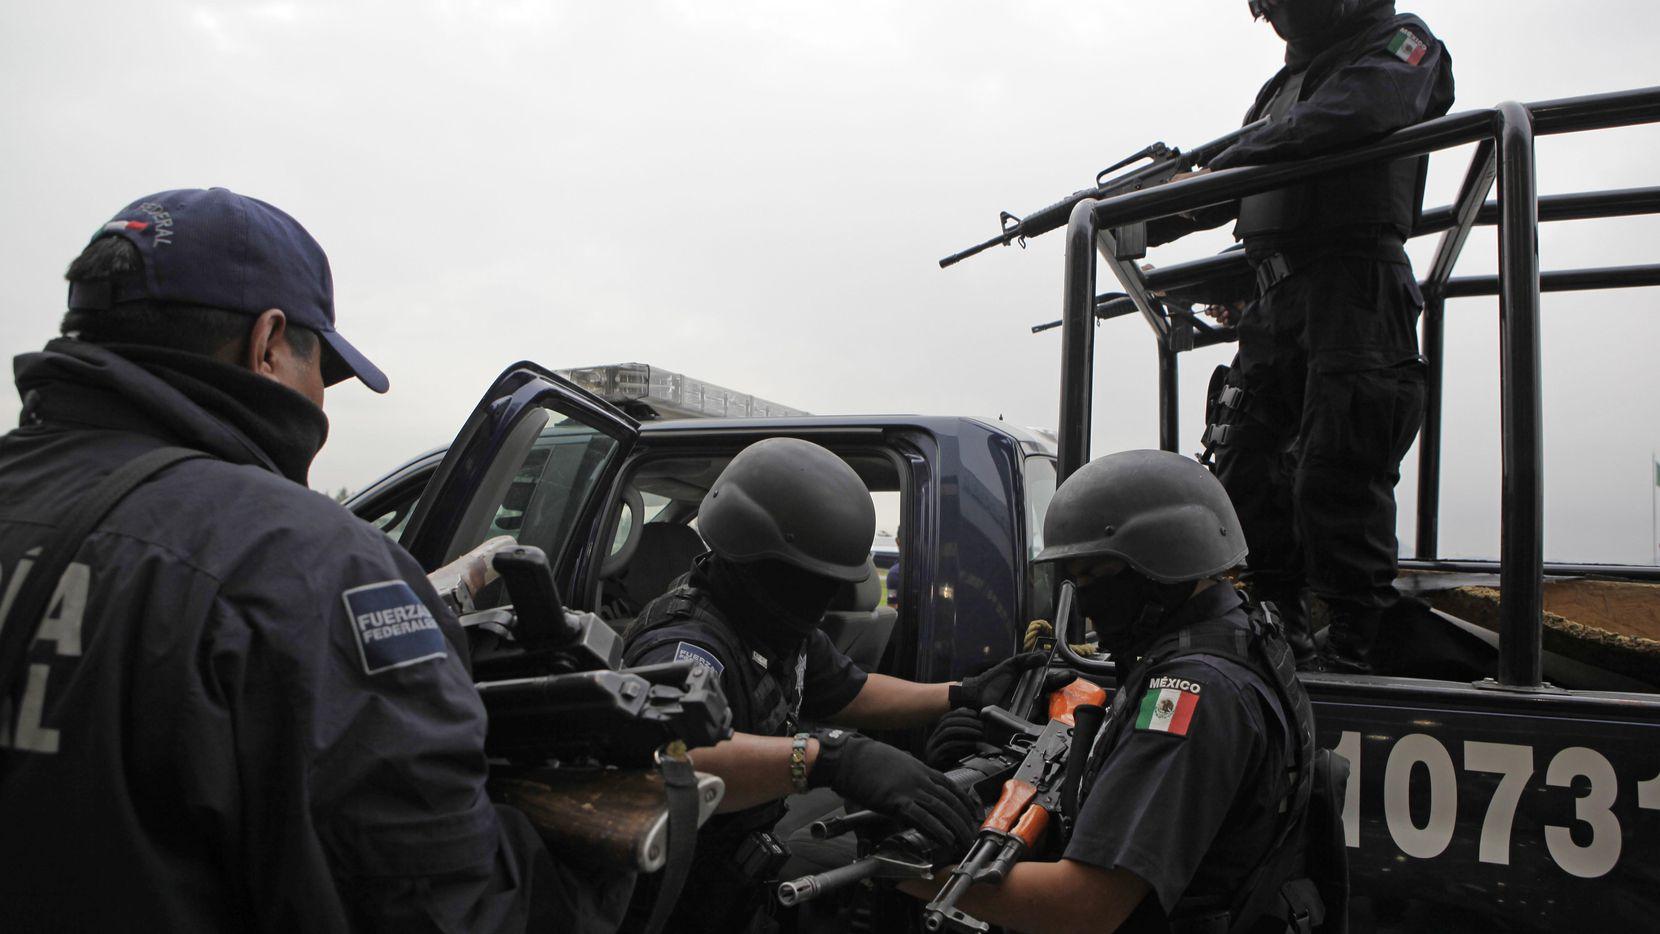 ARCHIVO – En esta fotodel 26 de junio de 2009, se recuperan armas de presuntos miembros del cartel de los hermanos Beltrán Leyva a manos de agentes federales después de una conferencia de prensa en Ciudad de México. (ASSOCIATED PRESS/MATILDE CAMPODONICO)